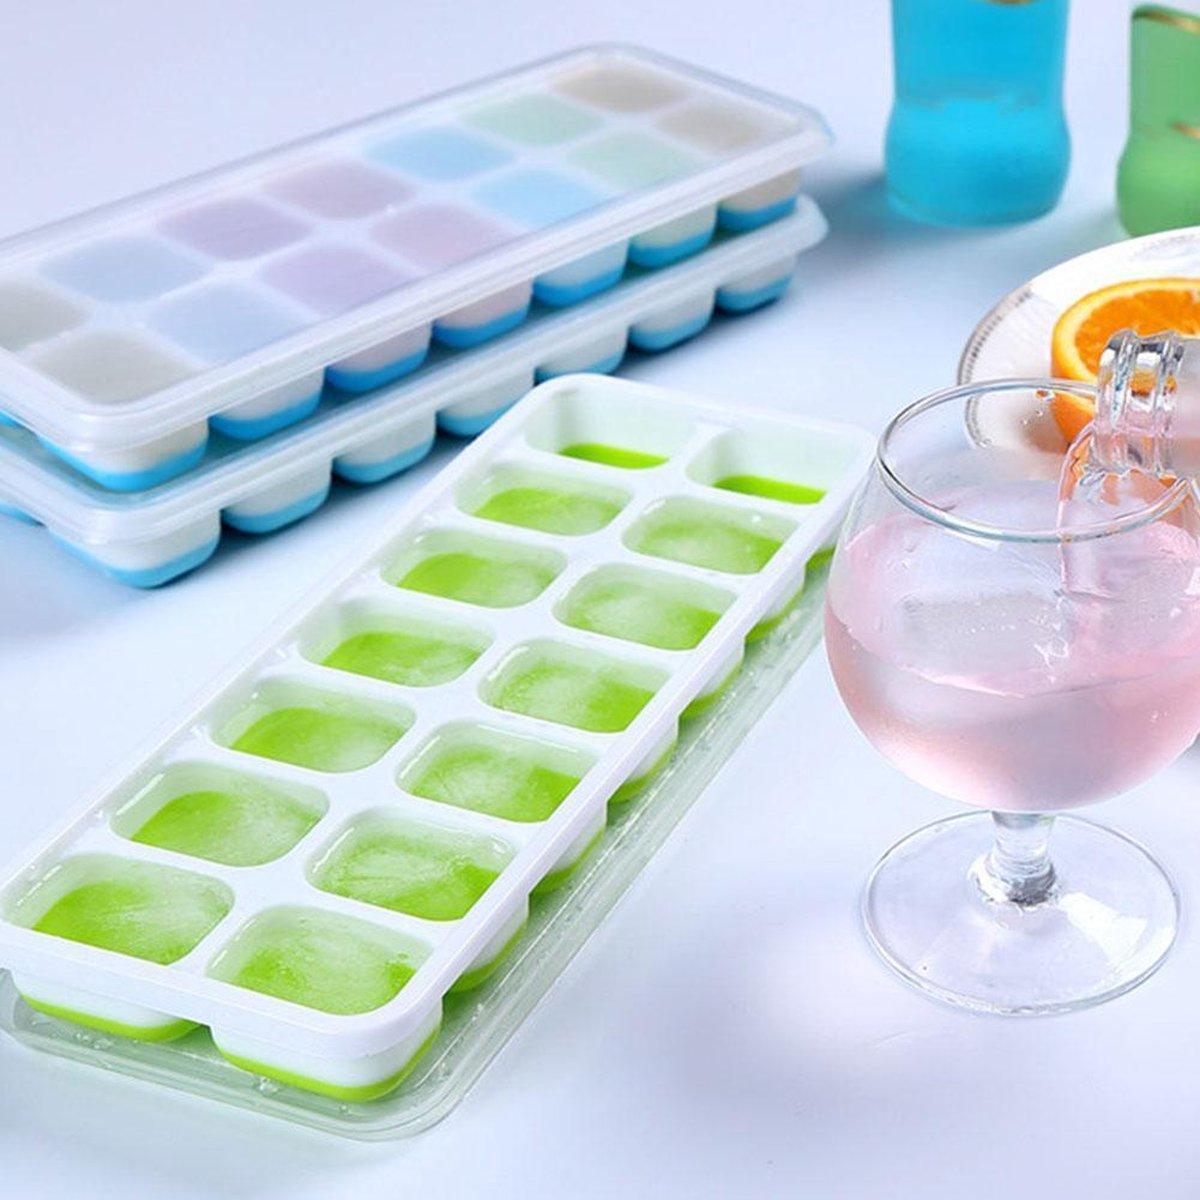 Ijsblokjes maker met deksel, BPA vrij en met silicone bodem om de ijsblokjes zonder enige moeite uit